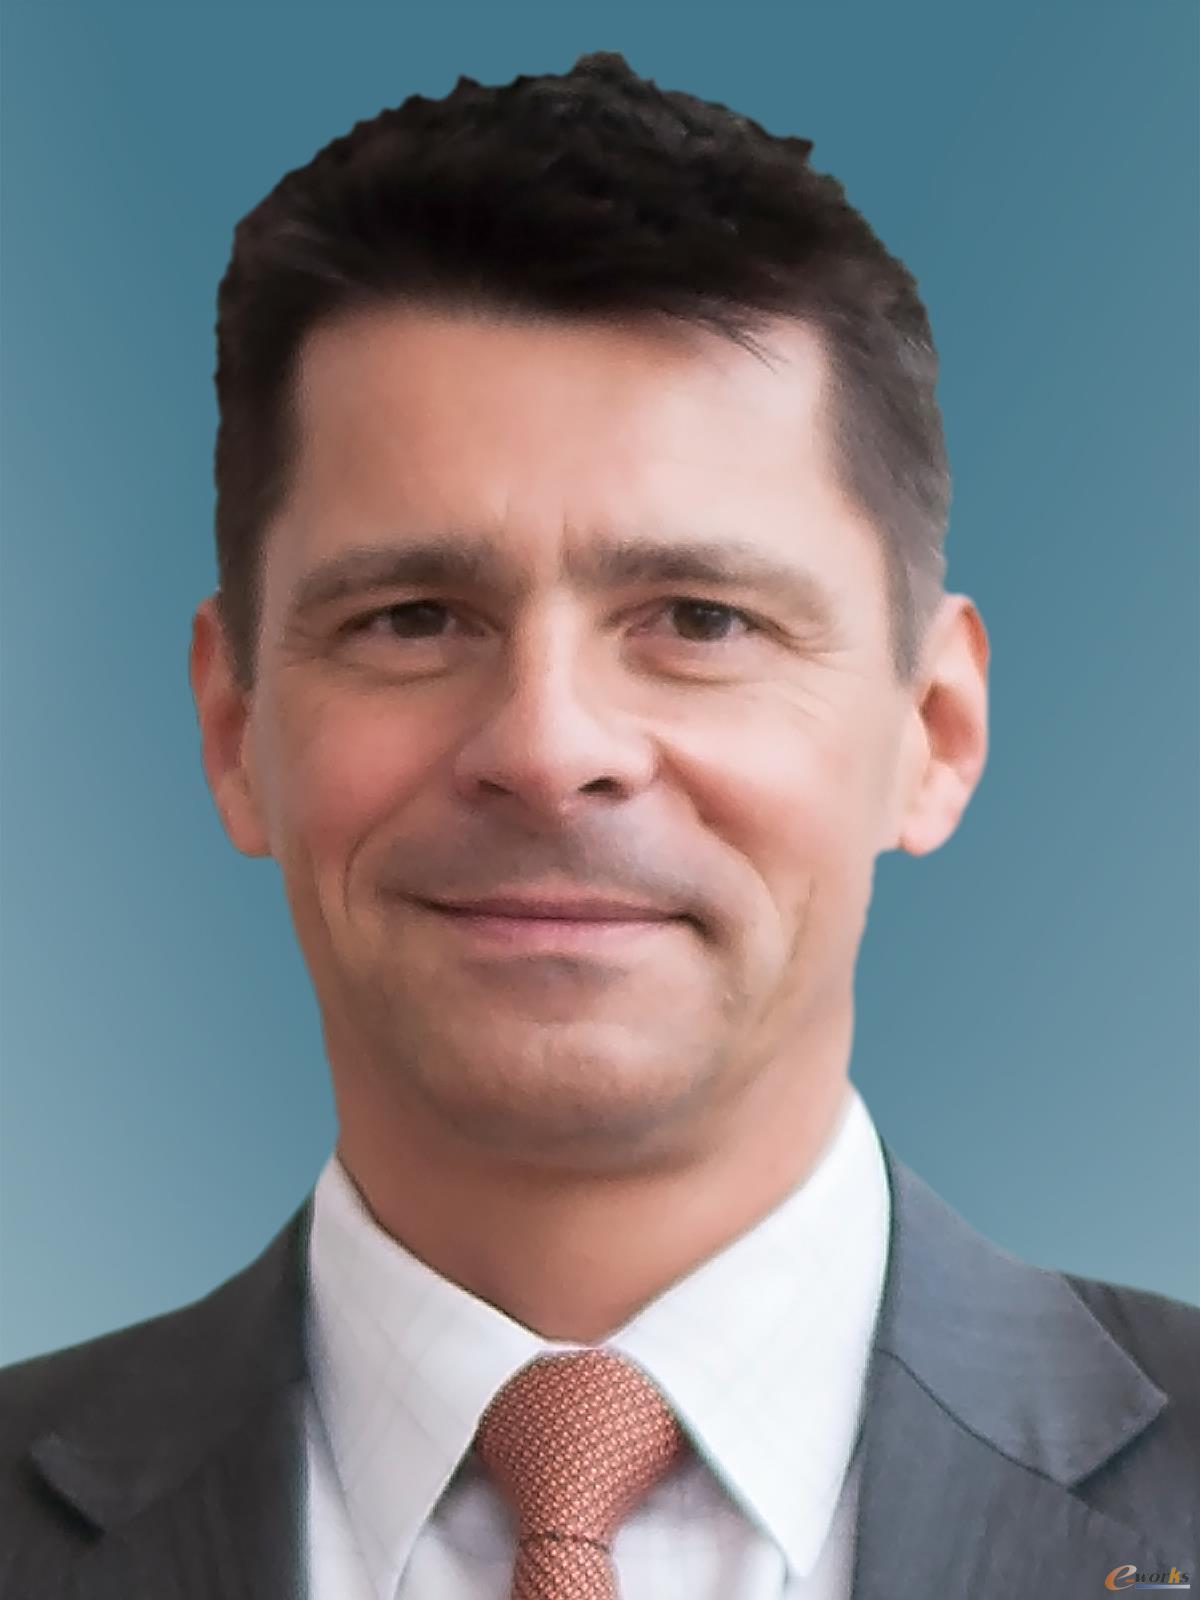 西门子PLM事业部战略副总裁Stefan Jockusch先生